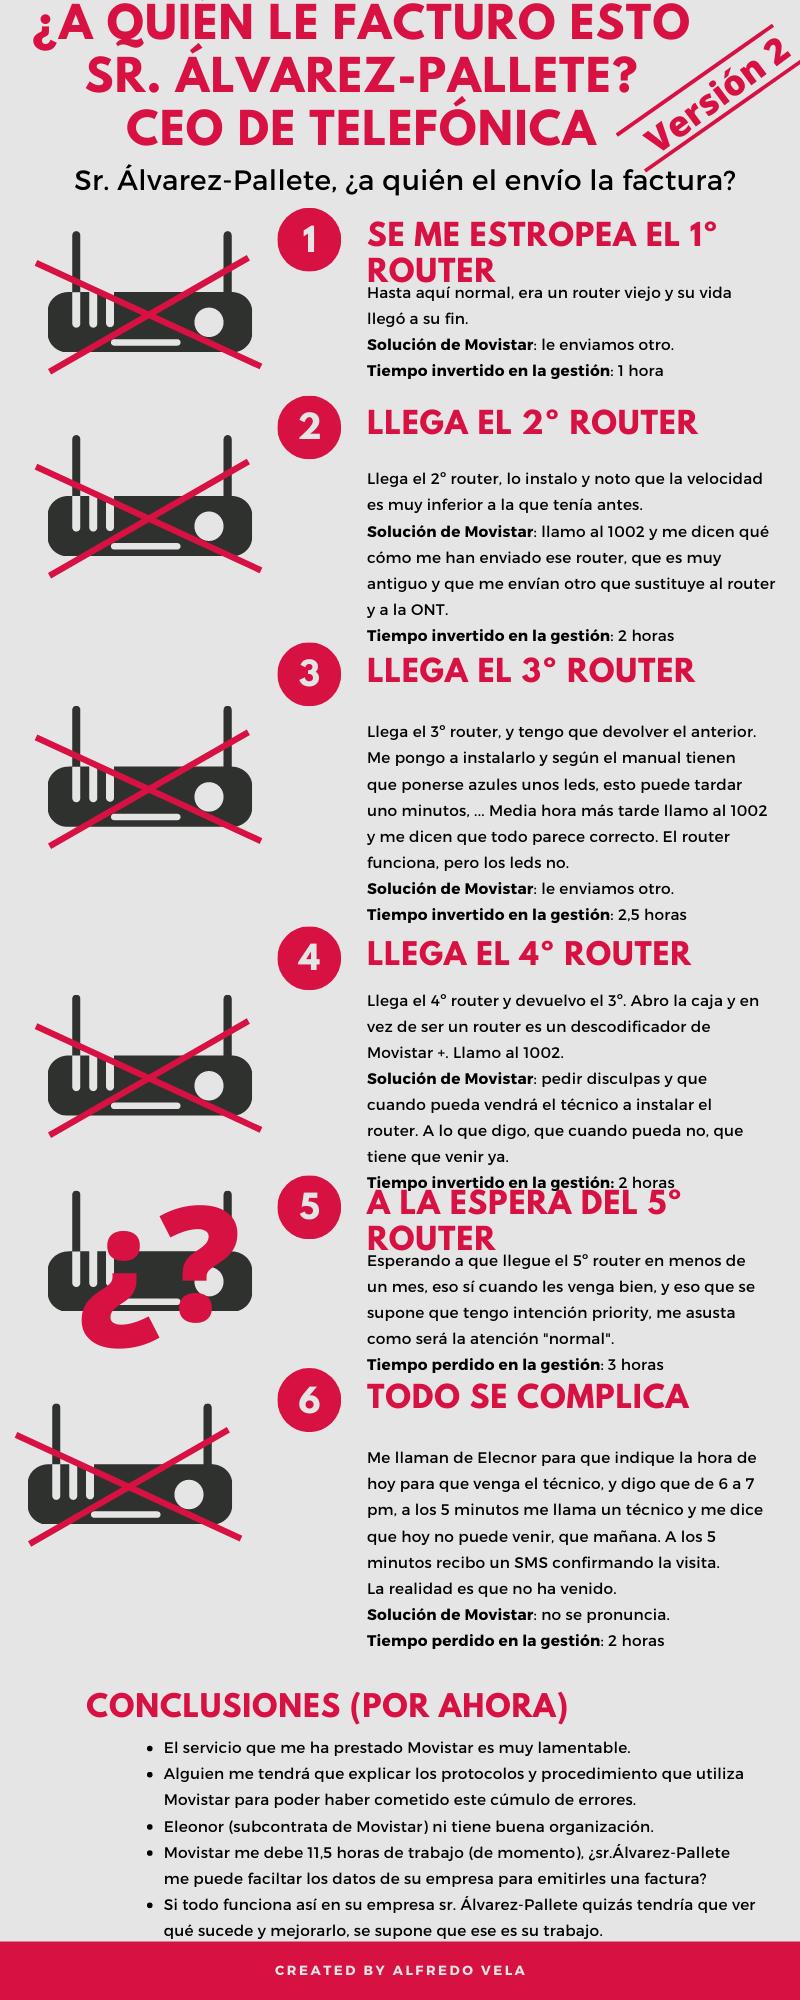 Cómo usar una infografía para quejarte de un mal servicio de atención al cliente (caso @Movistar_es y @GrupoElecnor)